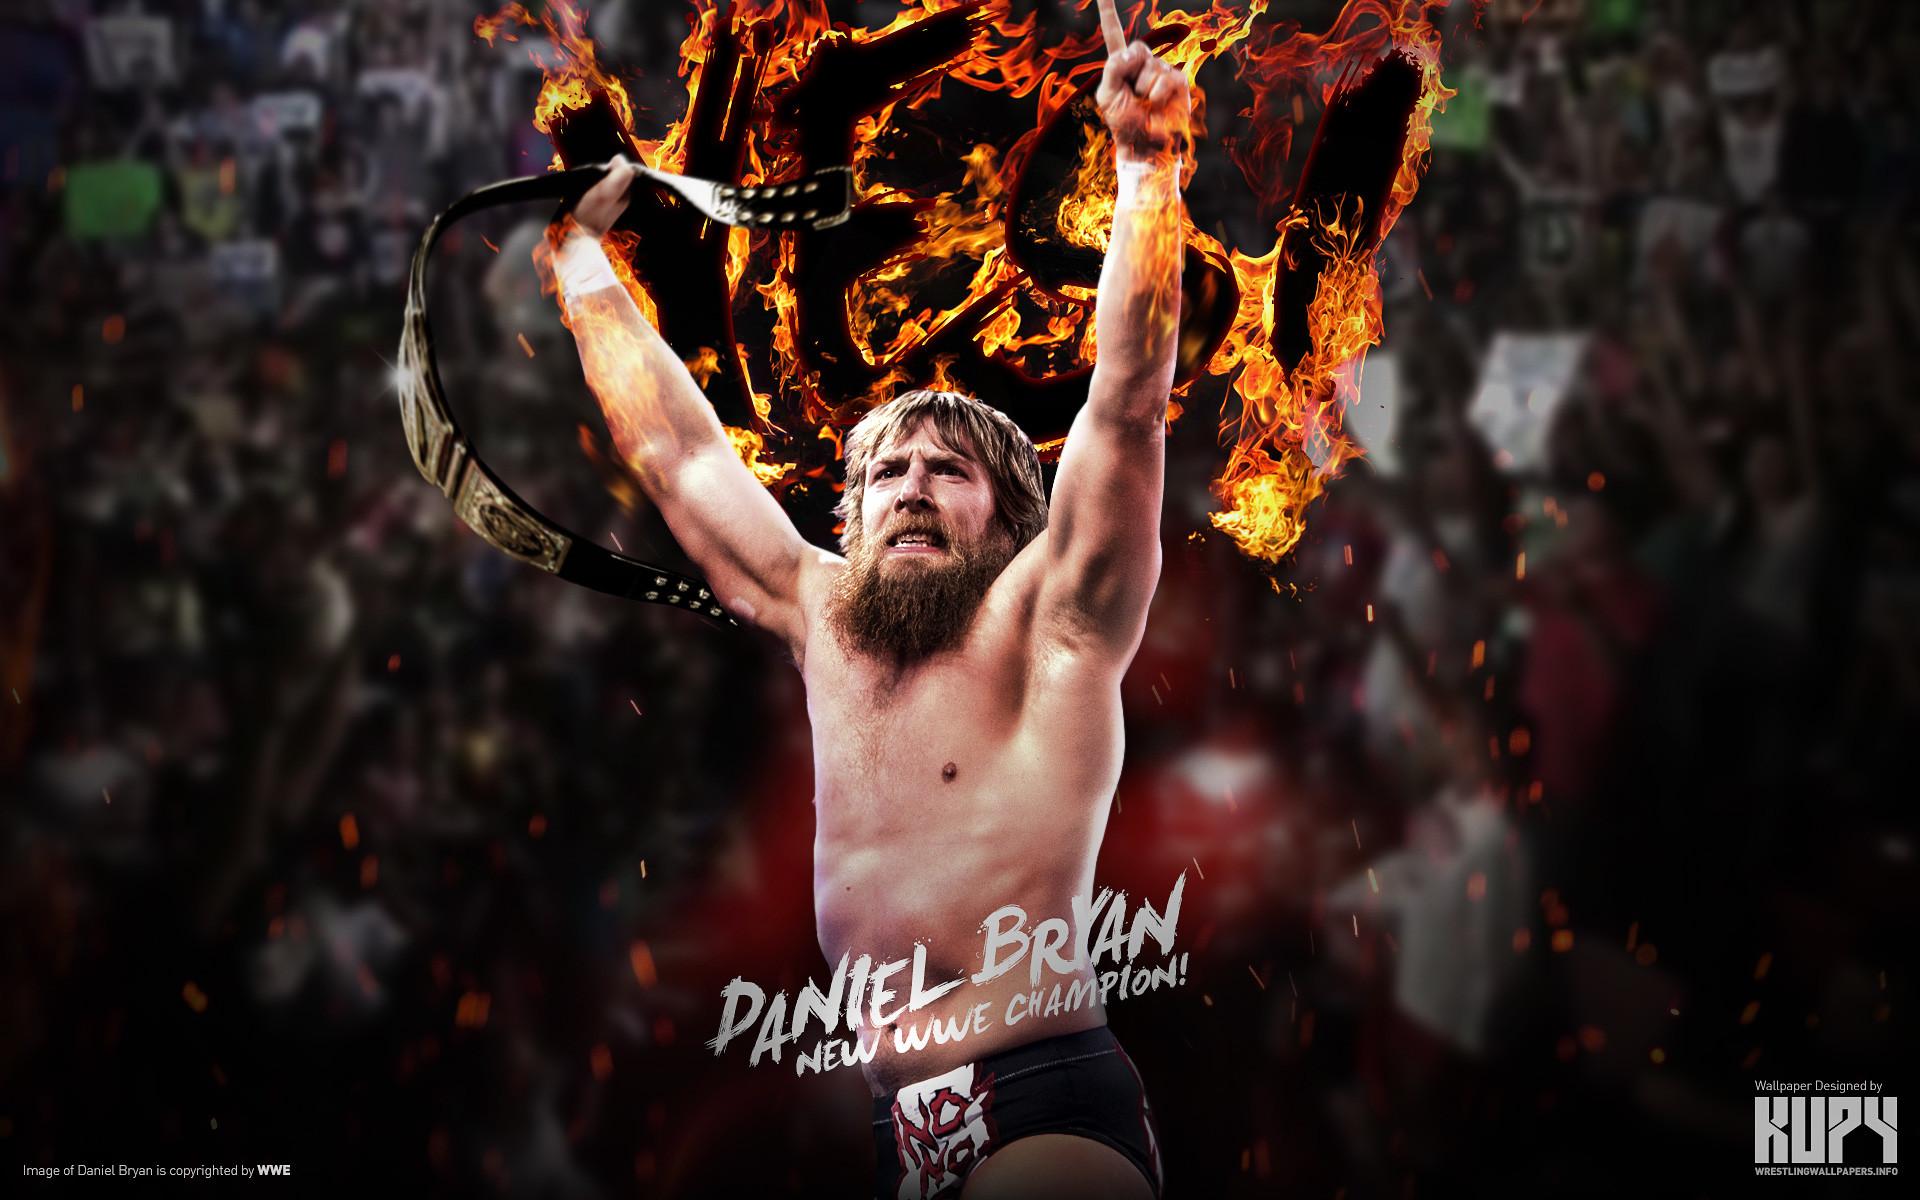 WWE Ultimate Warrior Wallpaper (72+ images)Daniel Bryan Wrestlemania 30 Wallpaper